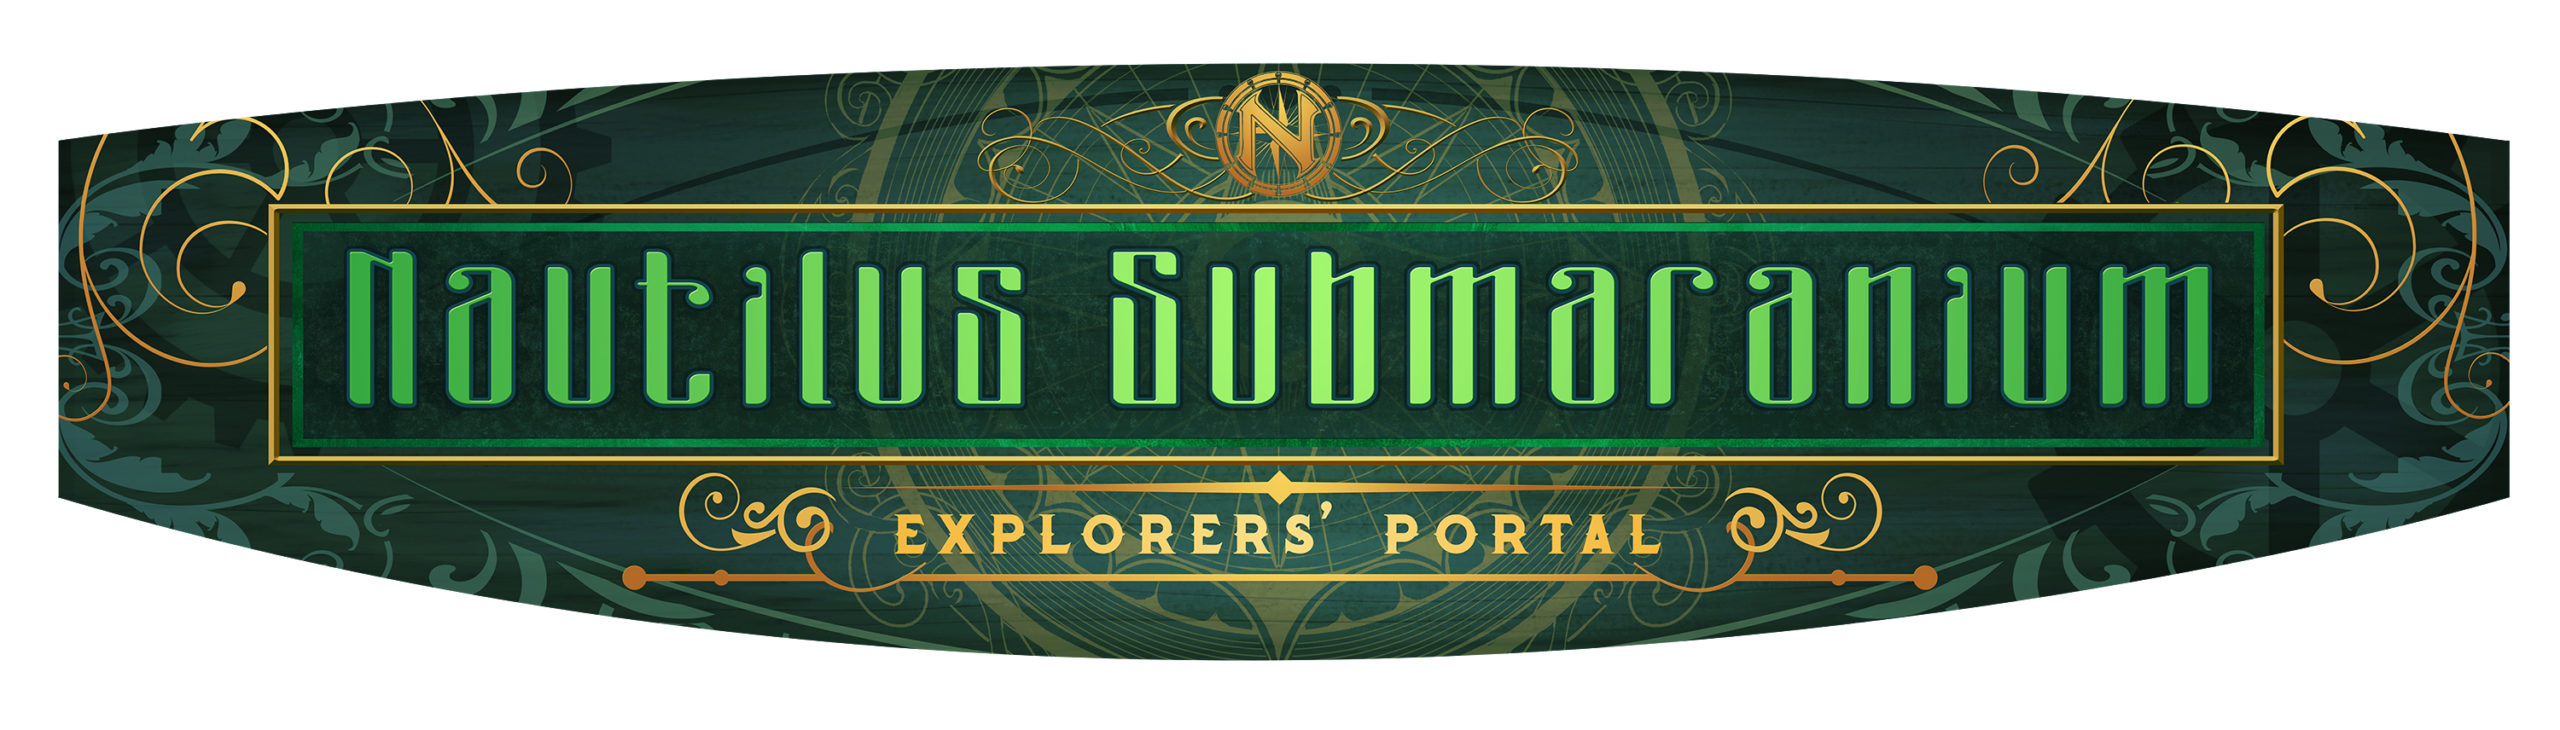 2019_08_09_nautilus_submaranium_v7_small